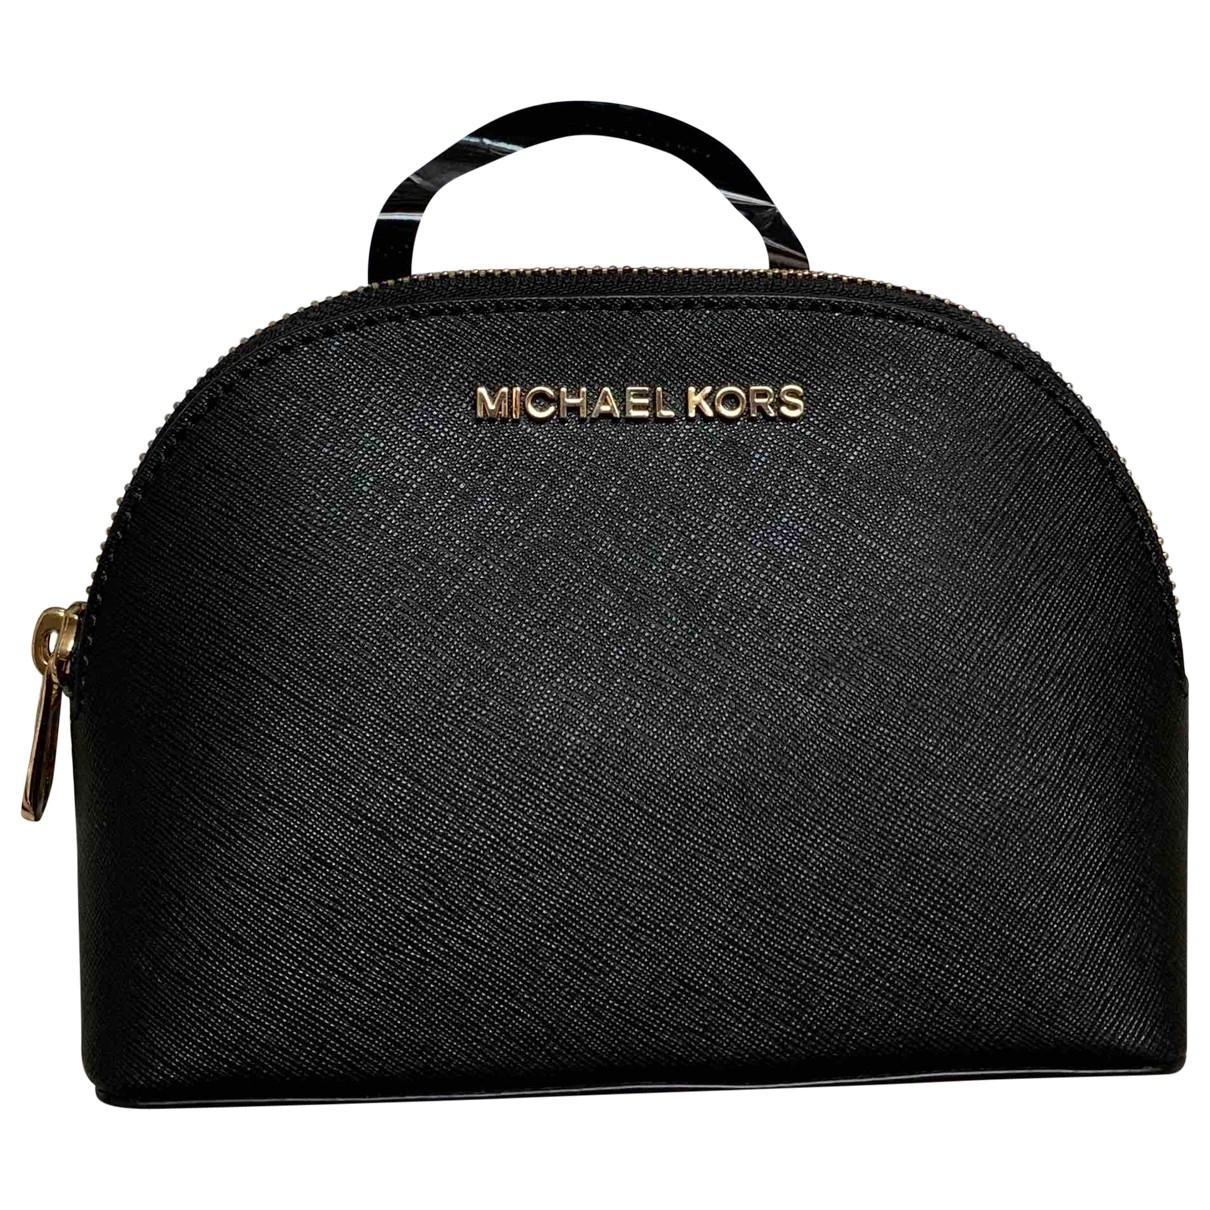 Michael Kors \N Black Leather Travel bag for Women \N